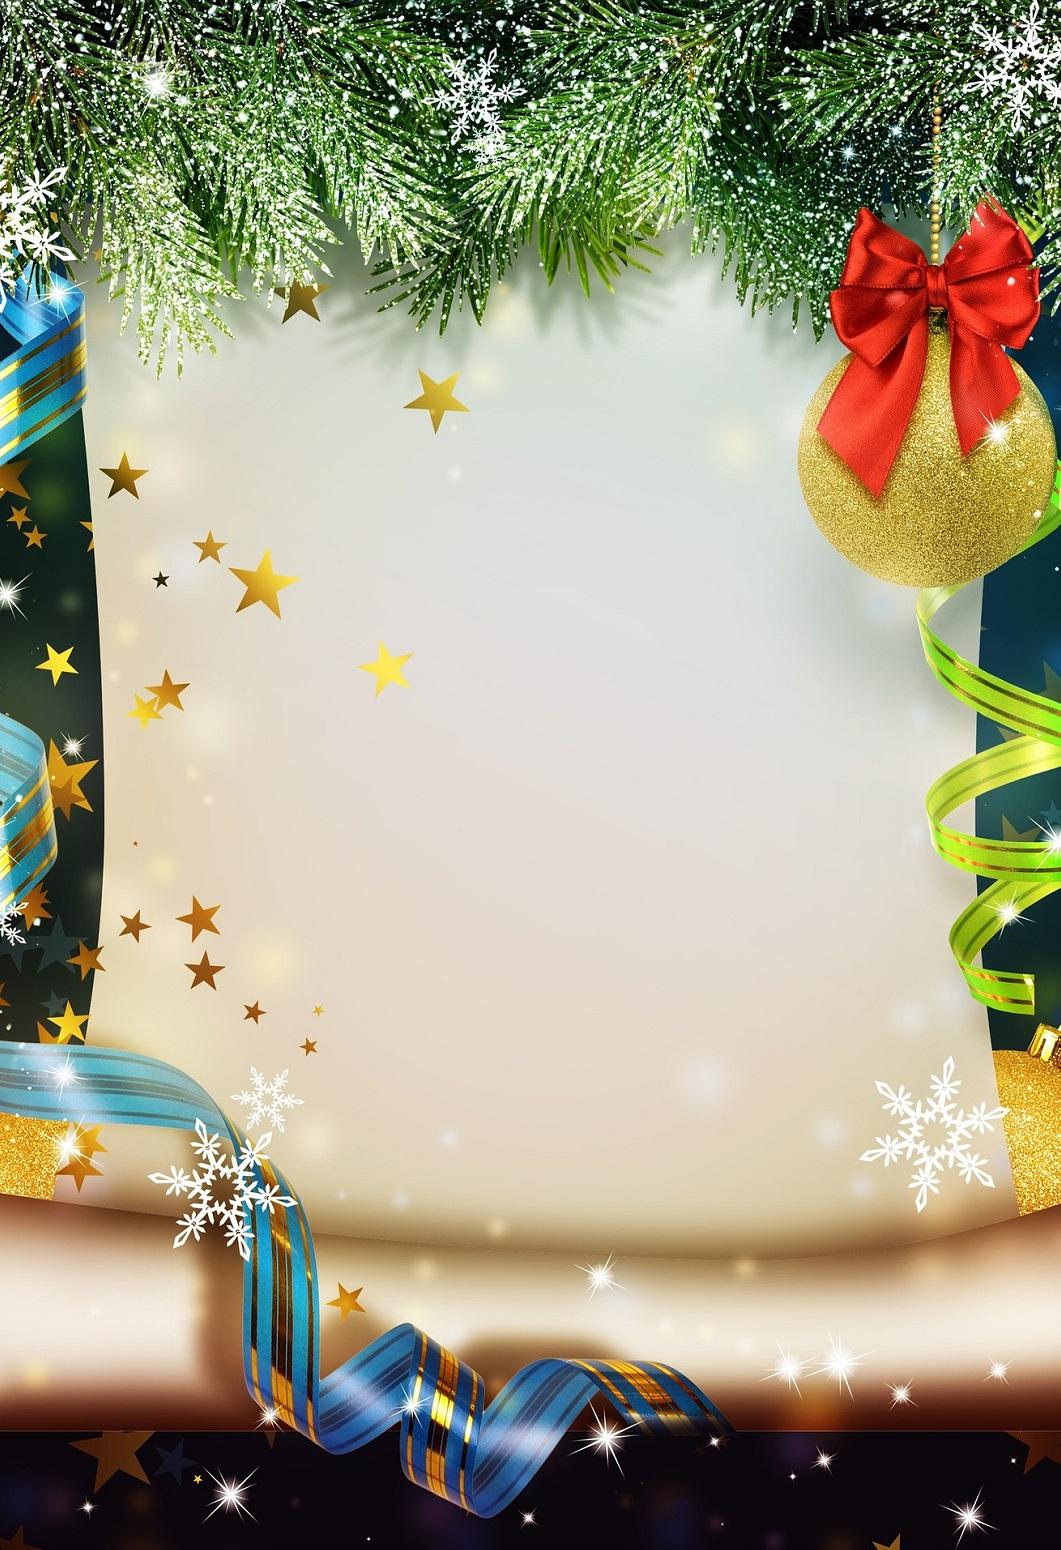 Gutscheinvorlagen Zu Weihnachten - Gutscheinspruch.de bei Vorlagen Weihnachtsmotive Kostenlos